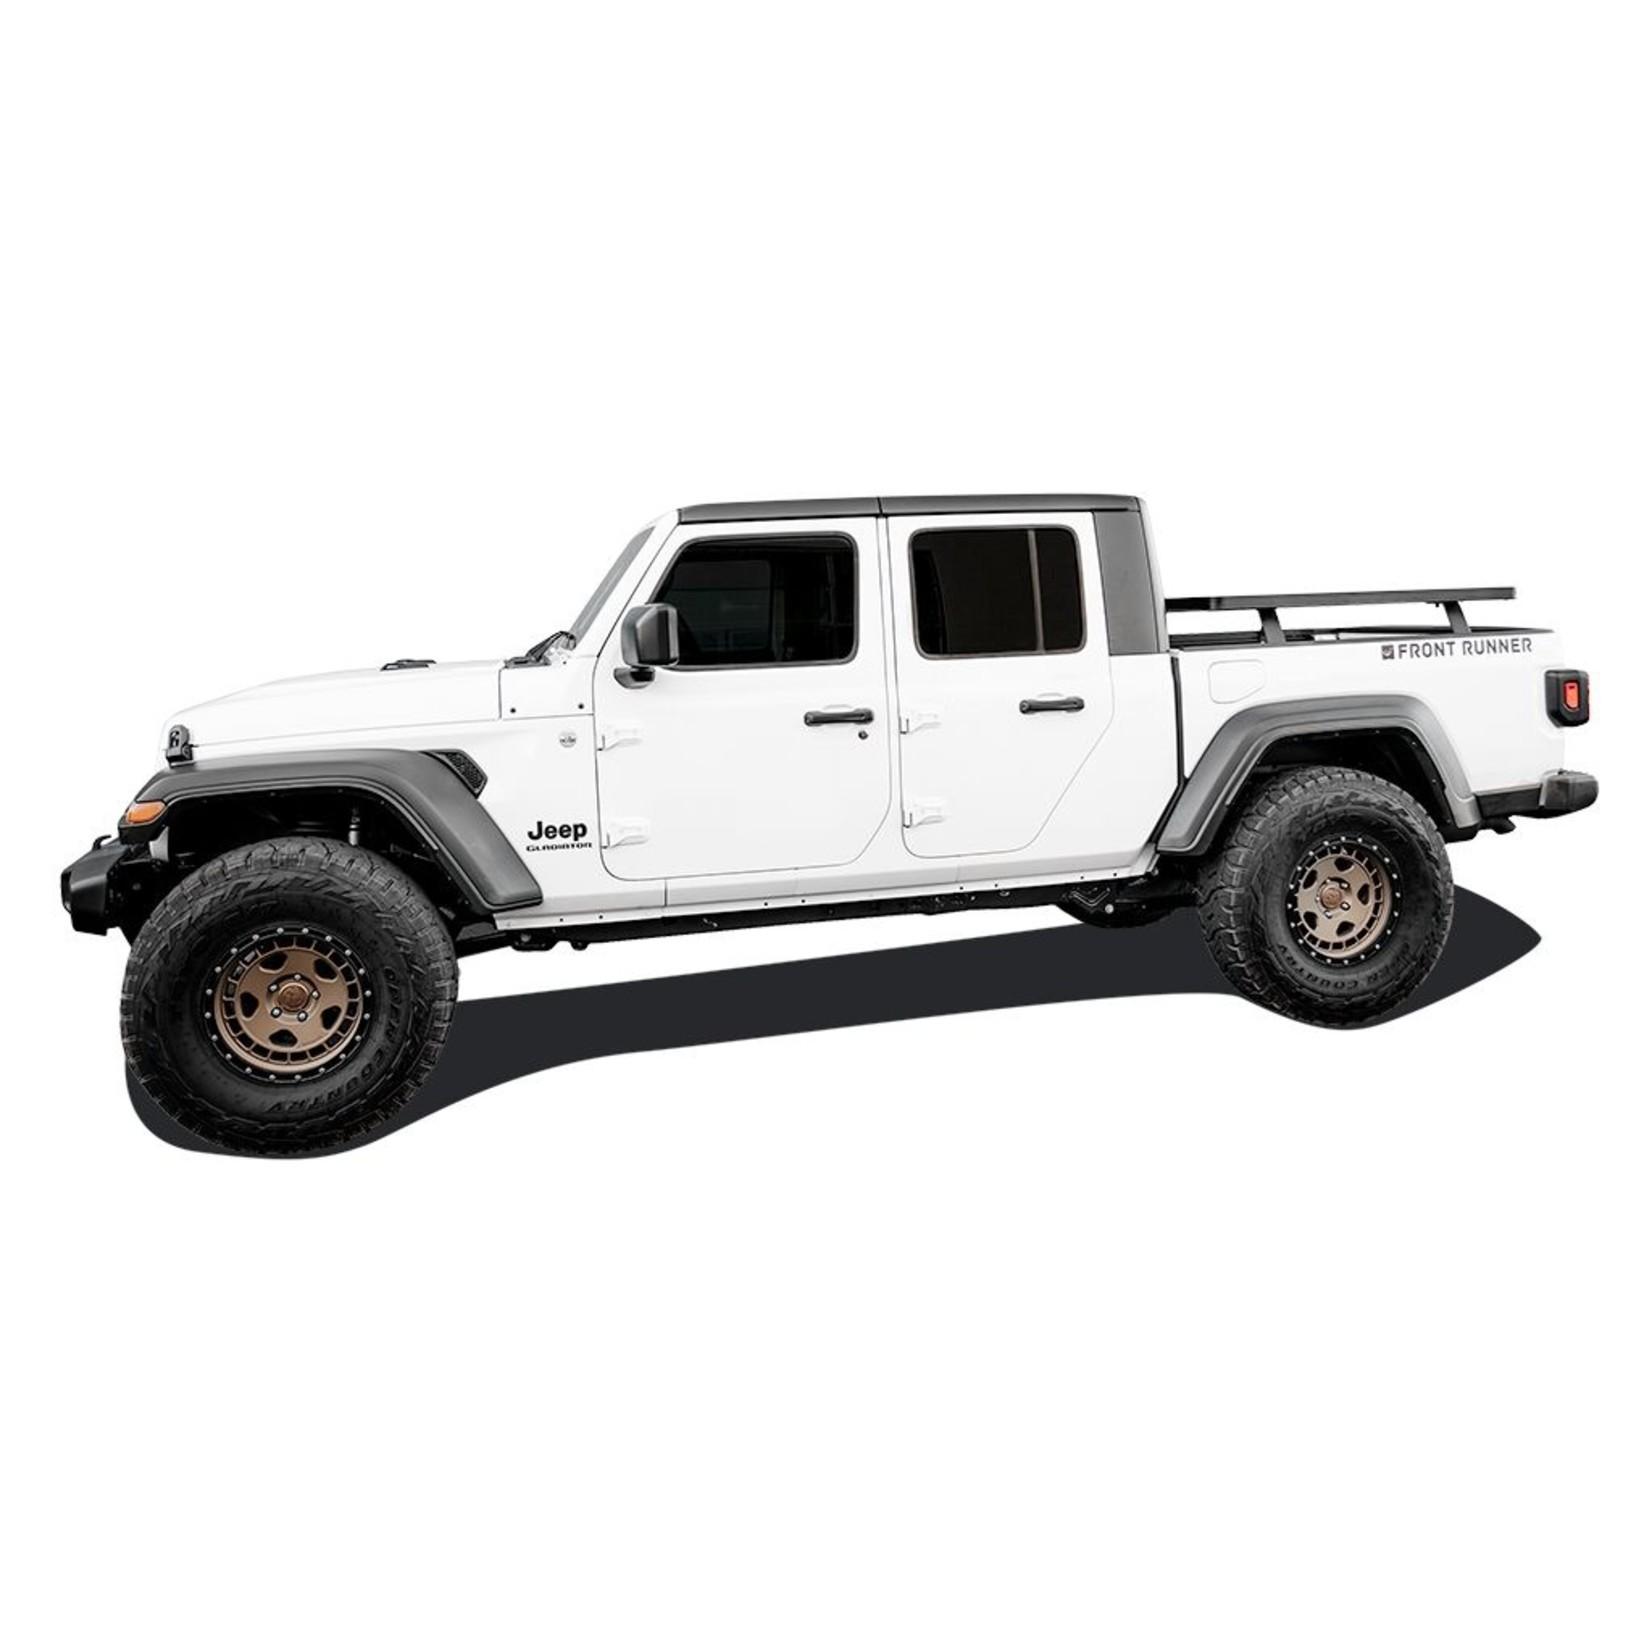 Front Runner Front Runner Slimline II Jeep Gladiator JT (2019-Current) Load Bed Roof Rack